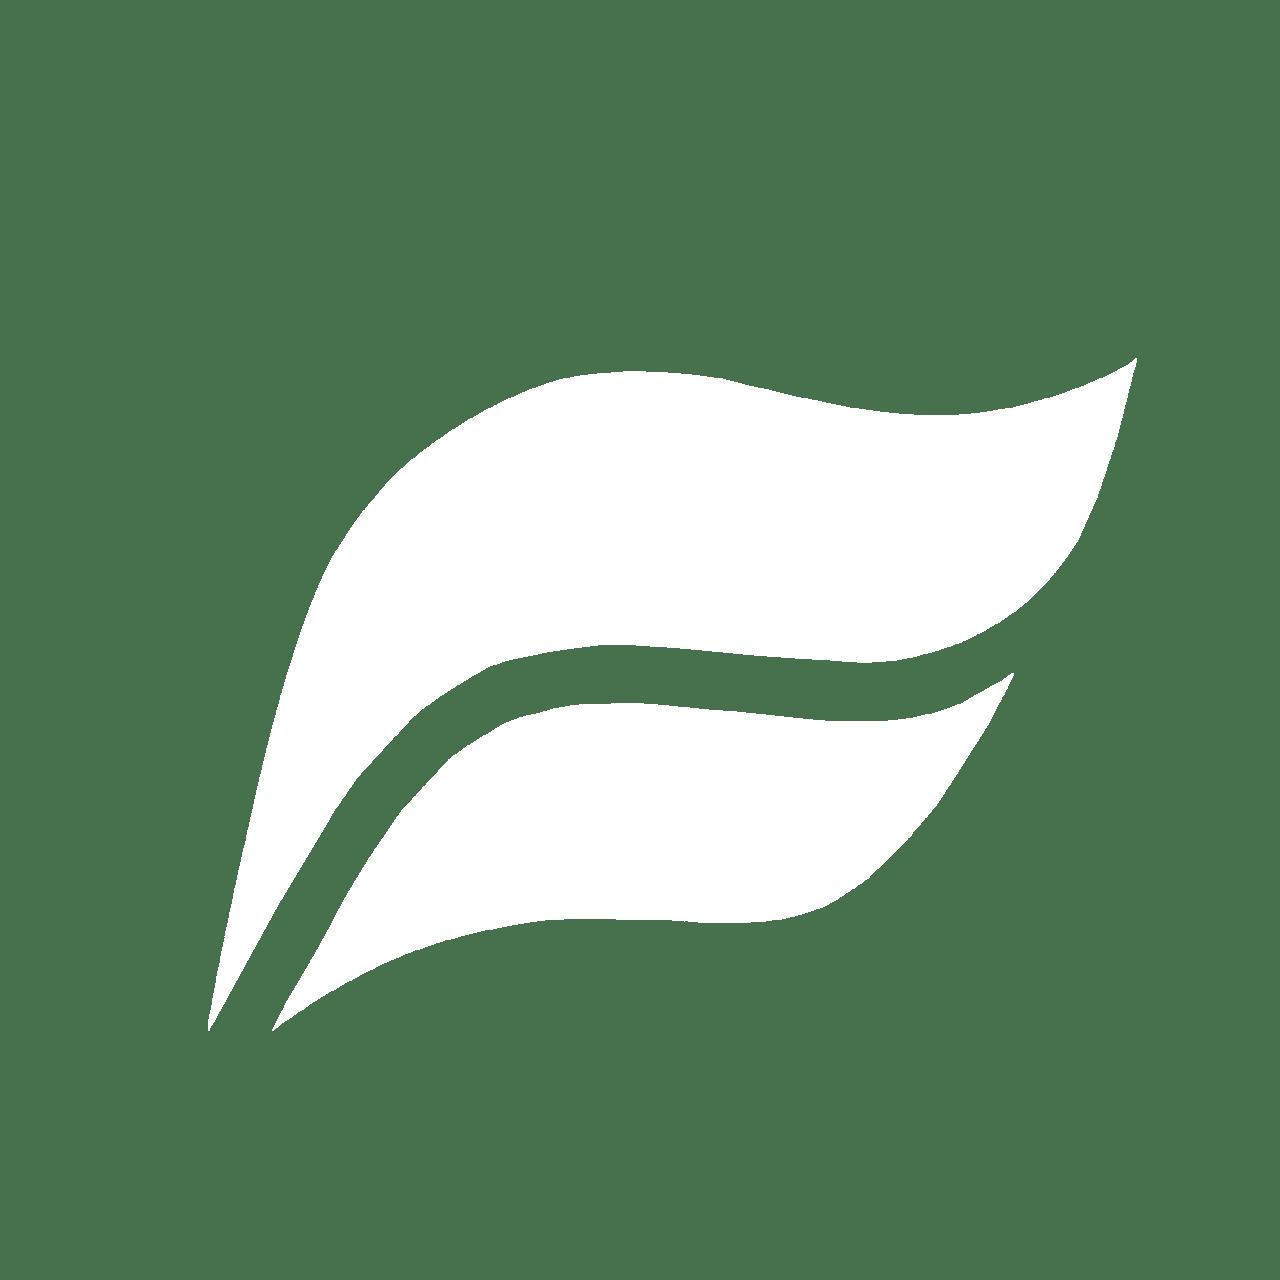 FLOW Internship